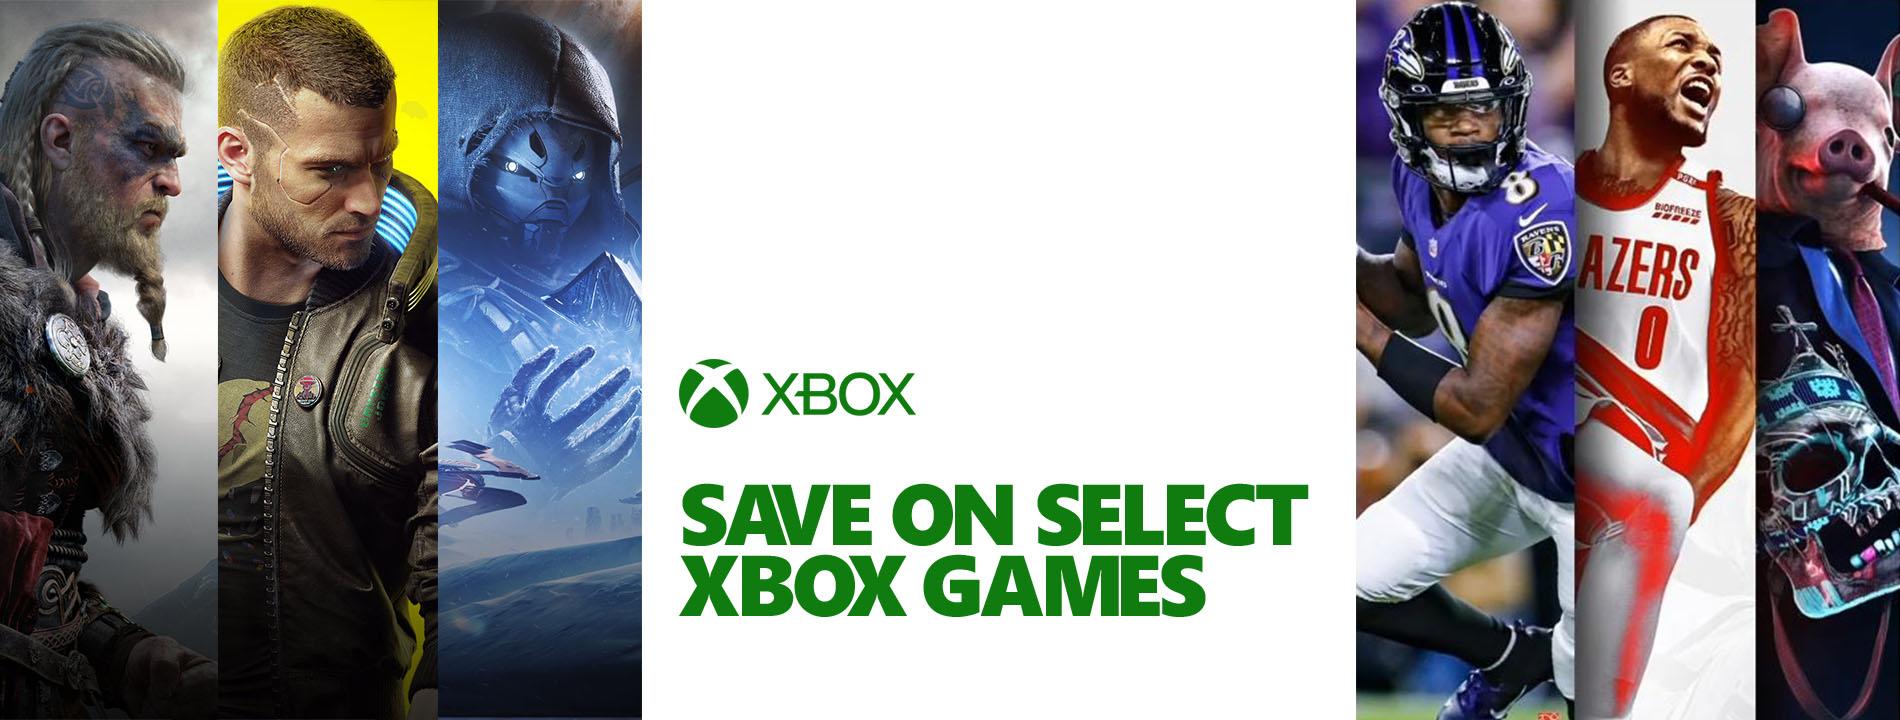 Xboxgames Saveon